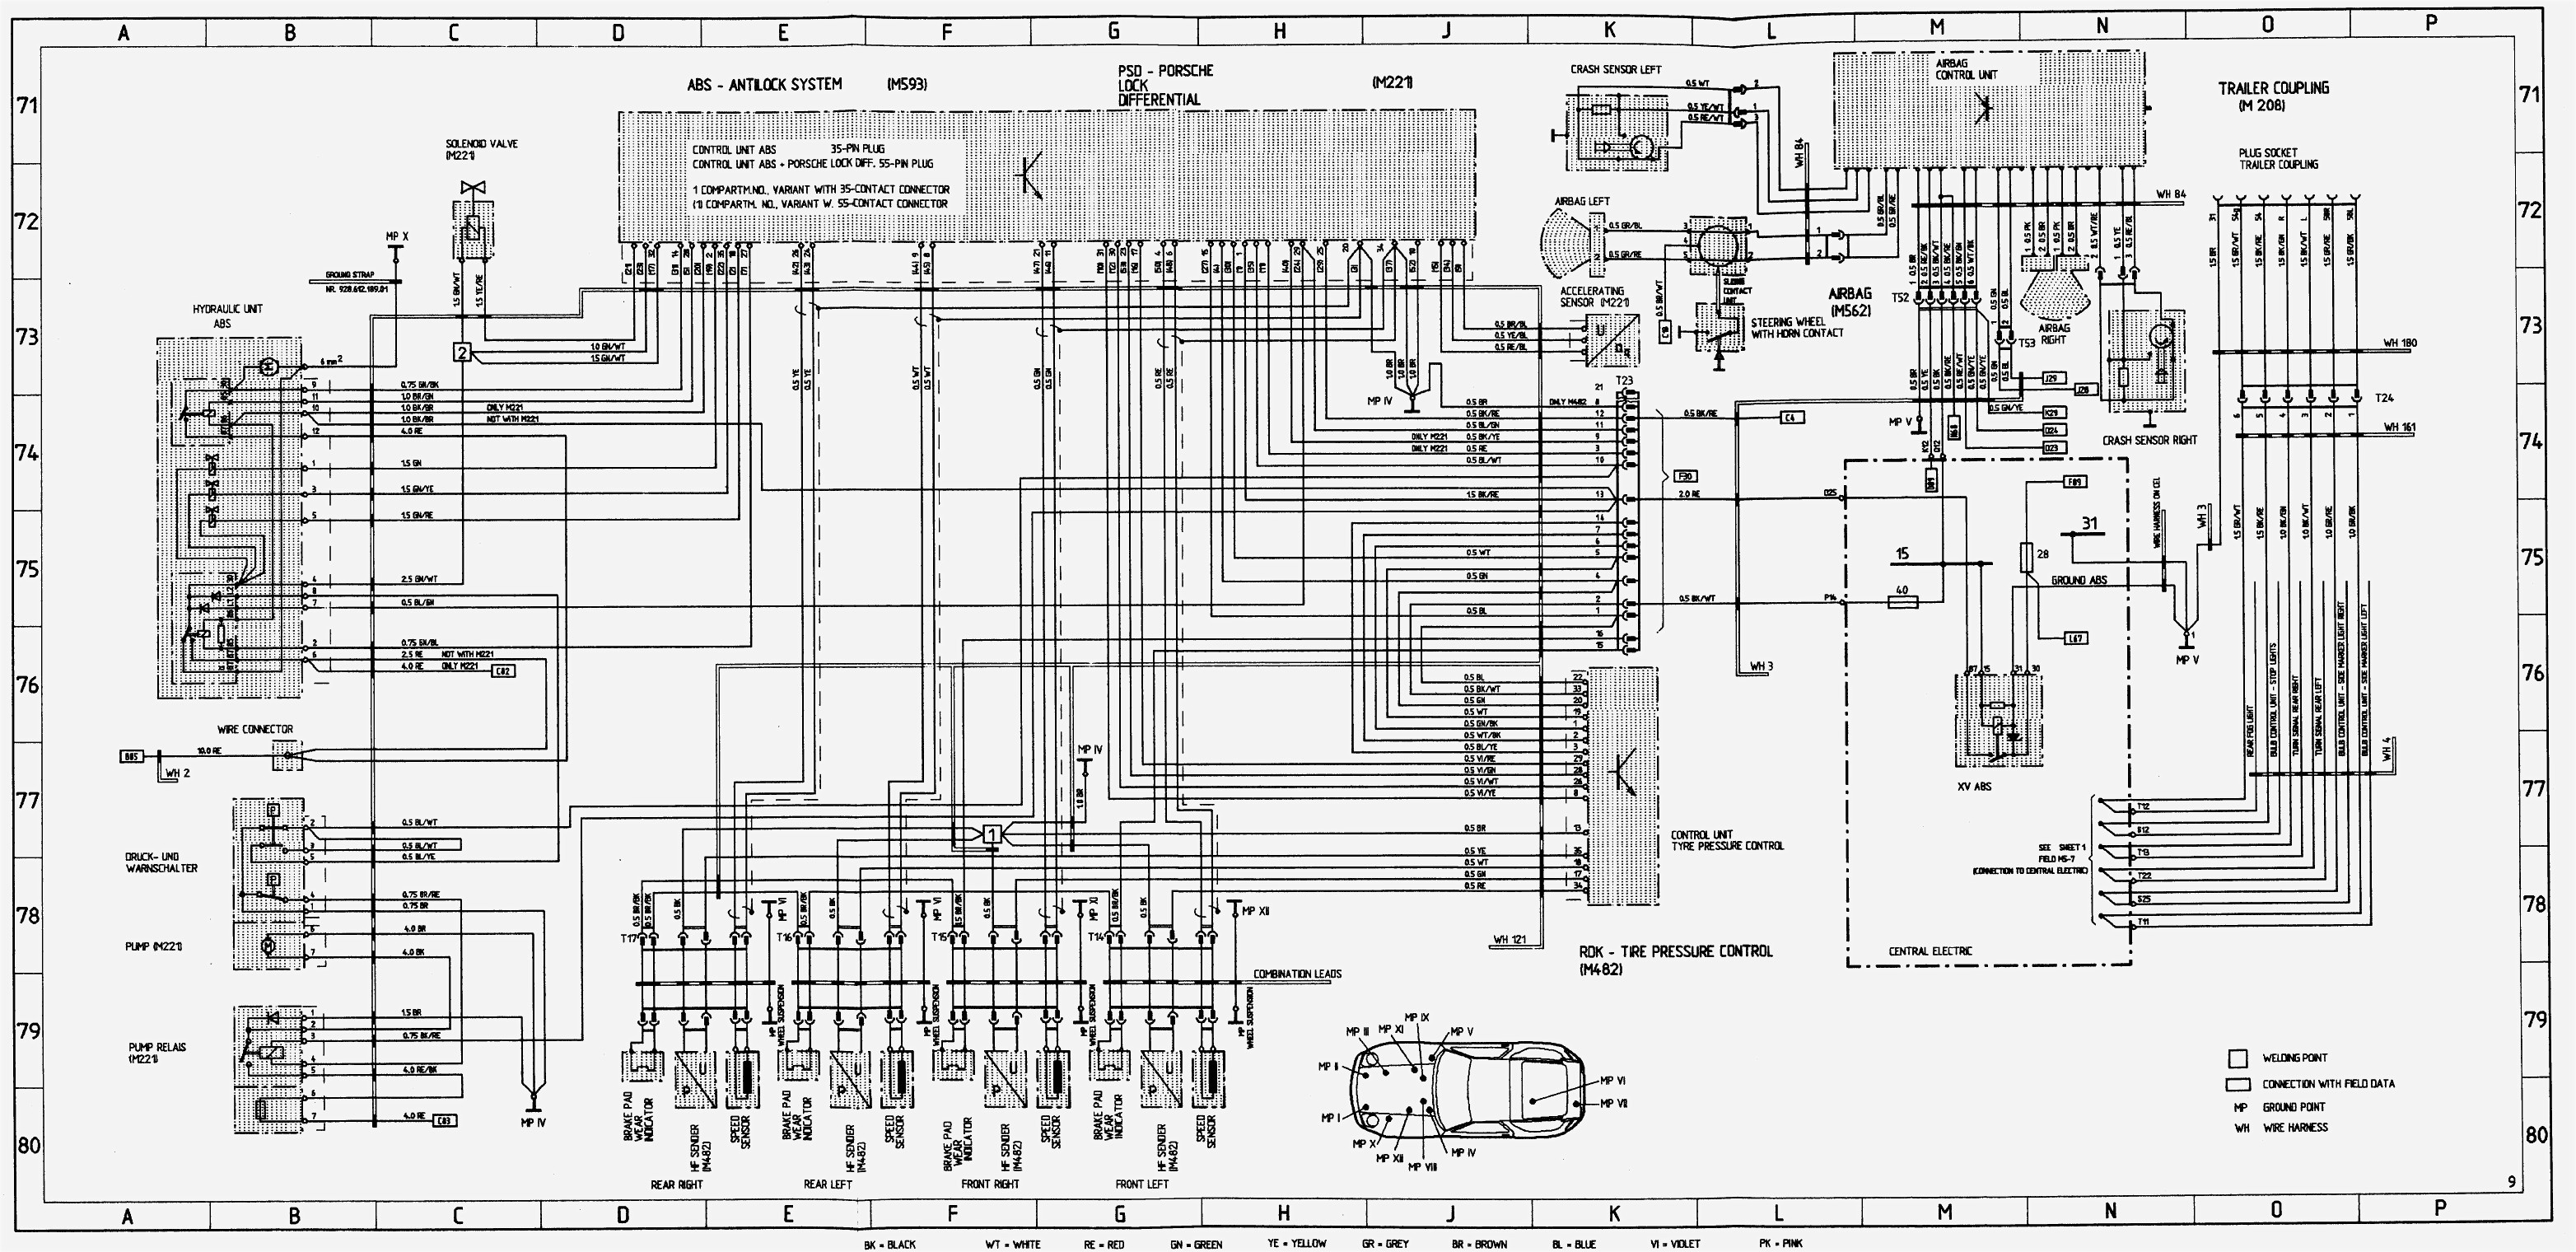 Bmw E36 Engine Diagram Wiring Diagram Bmw E46 1999 Wiring Diagram Used Of Bmw E36 Engine Diagram